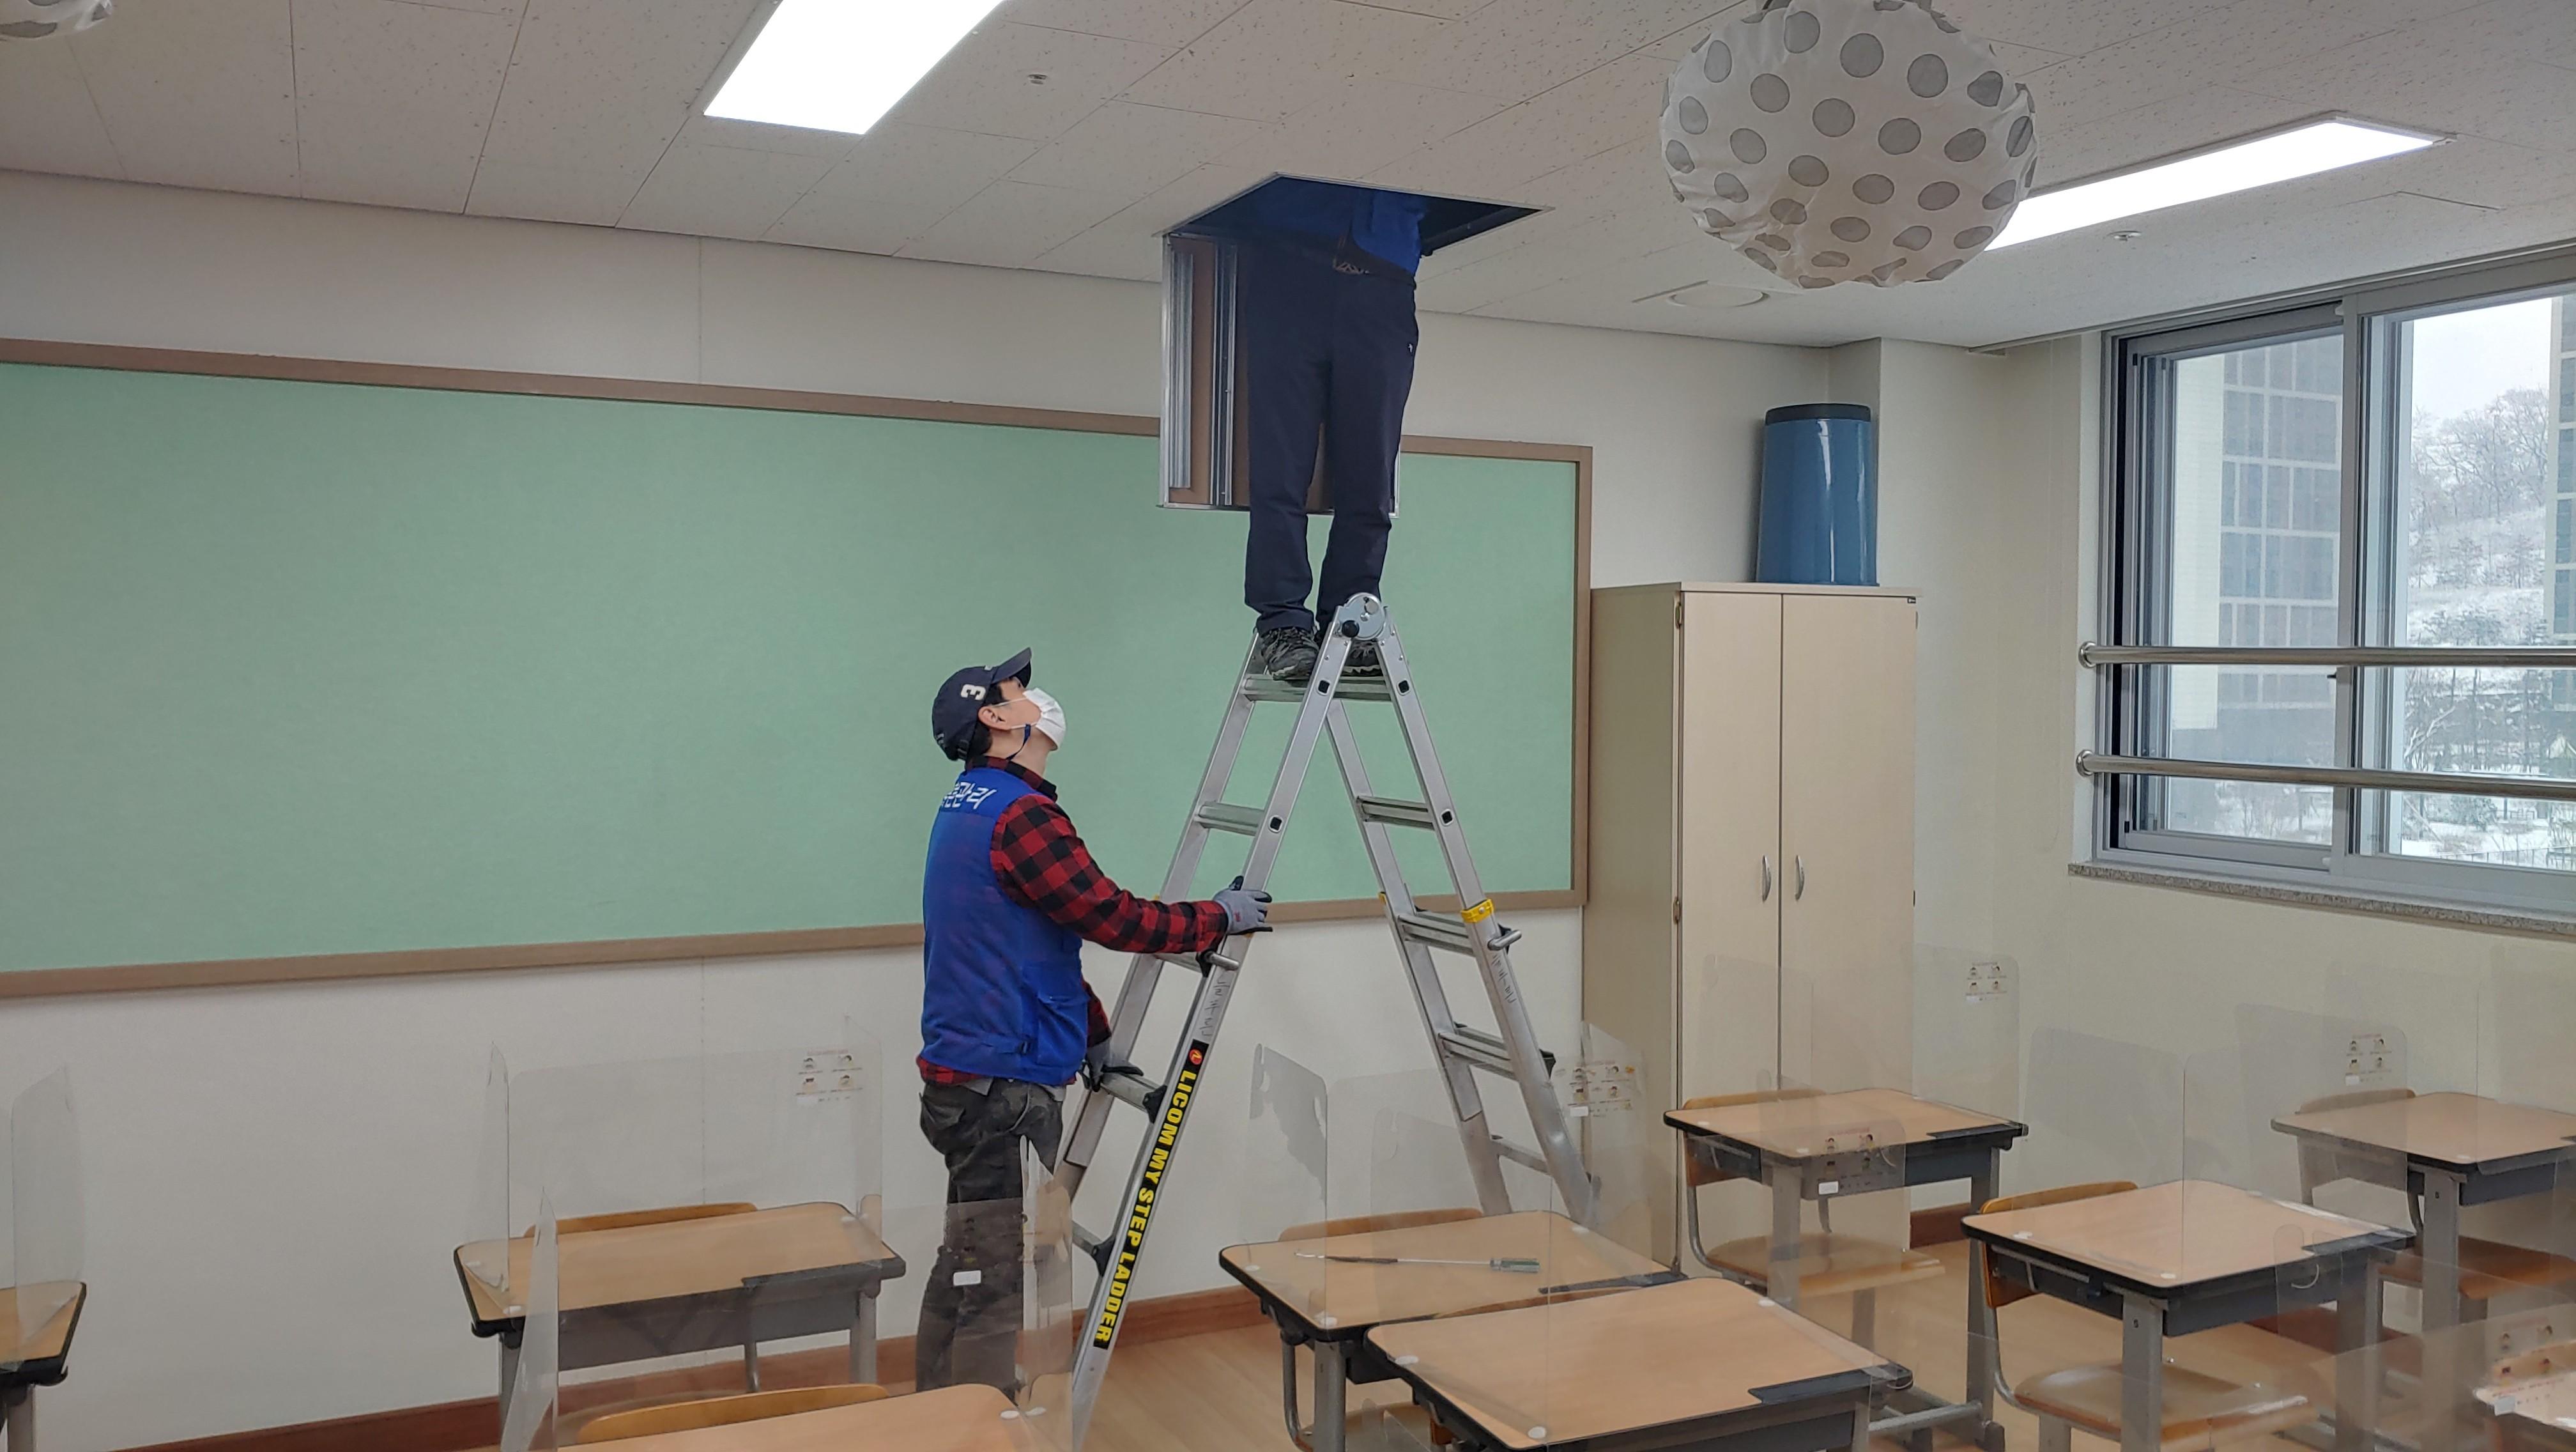 [일반] 교실 공기순환기 교체 및 점검표의 첨부이미지 2